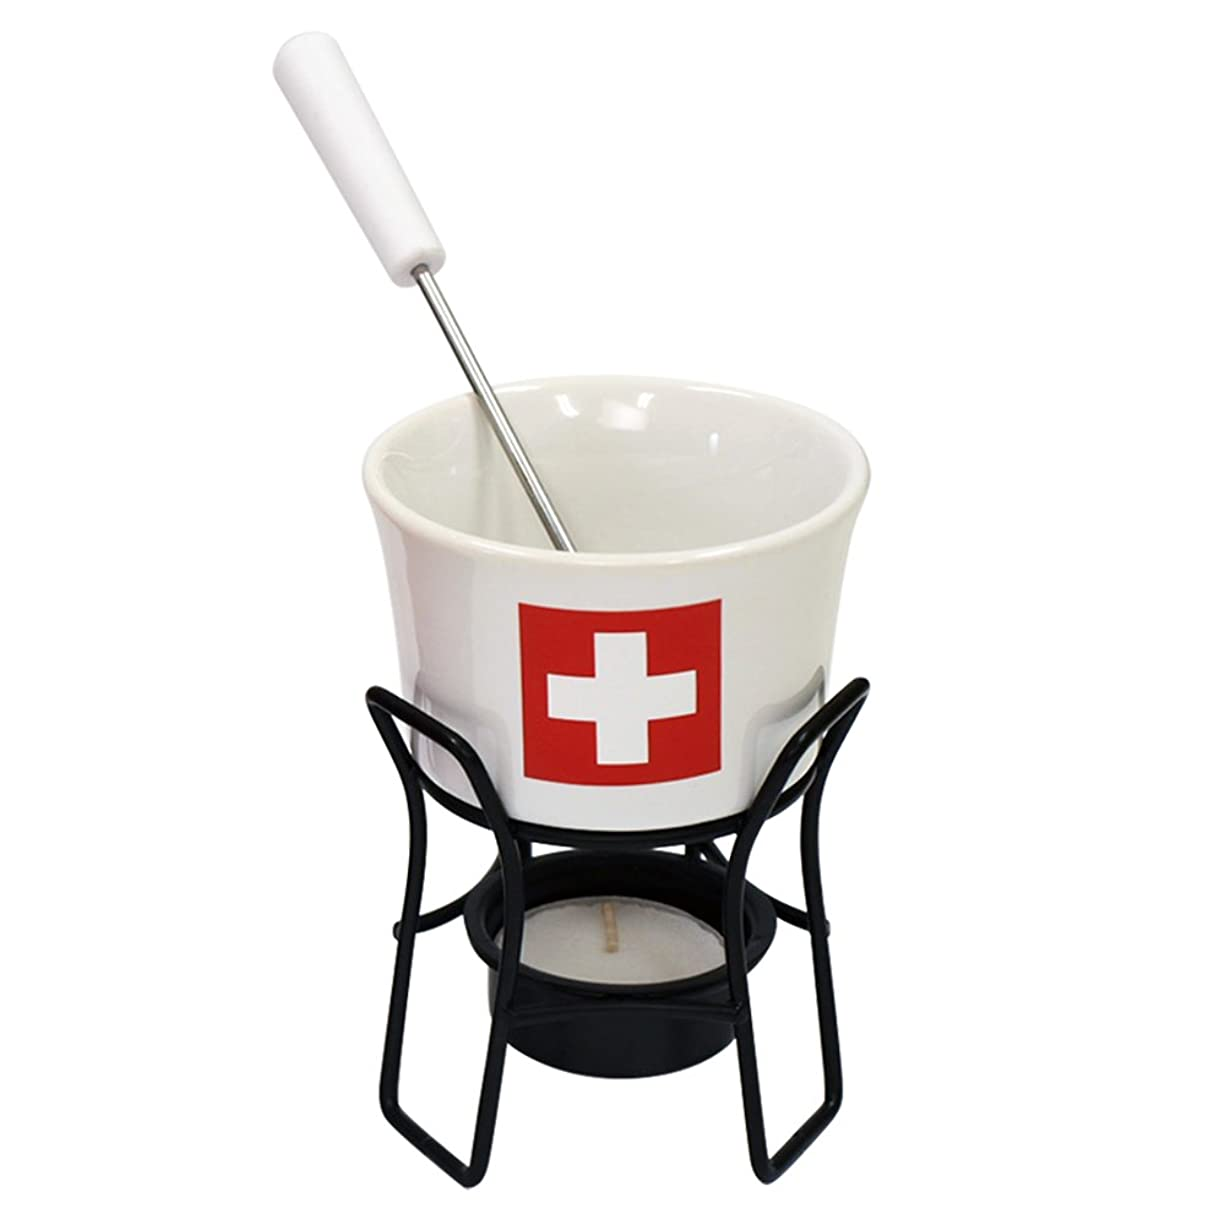 ハリウッドジャグリング債務者NOUVEL(ヌベール) チョコレートフォンデュ ミニカップ ホワイト